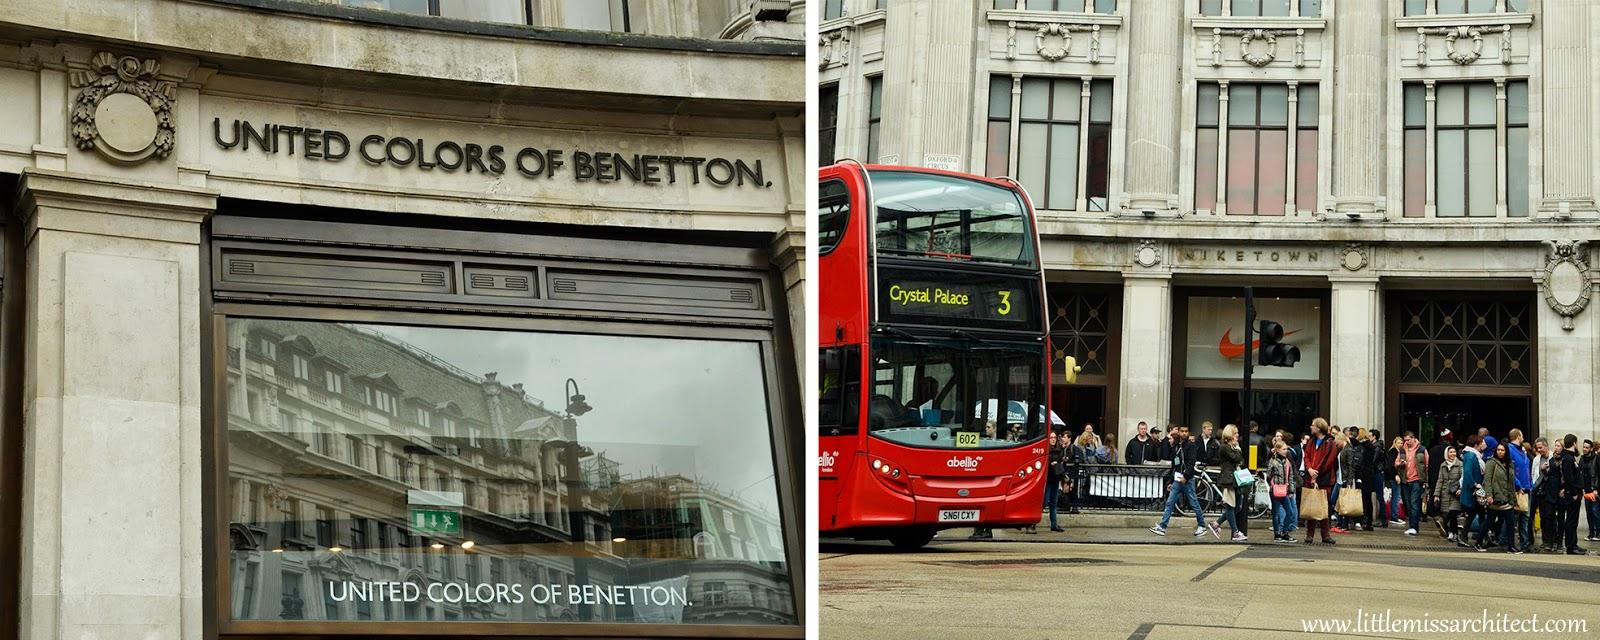 Londyn, Oxford street, nienachalne reklamy, londyński autobus